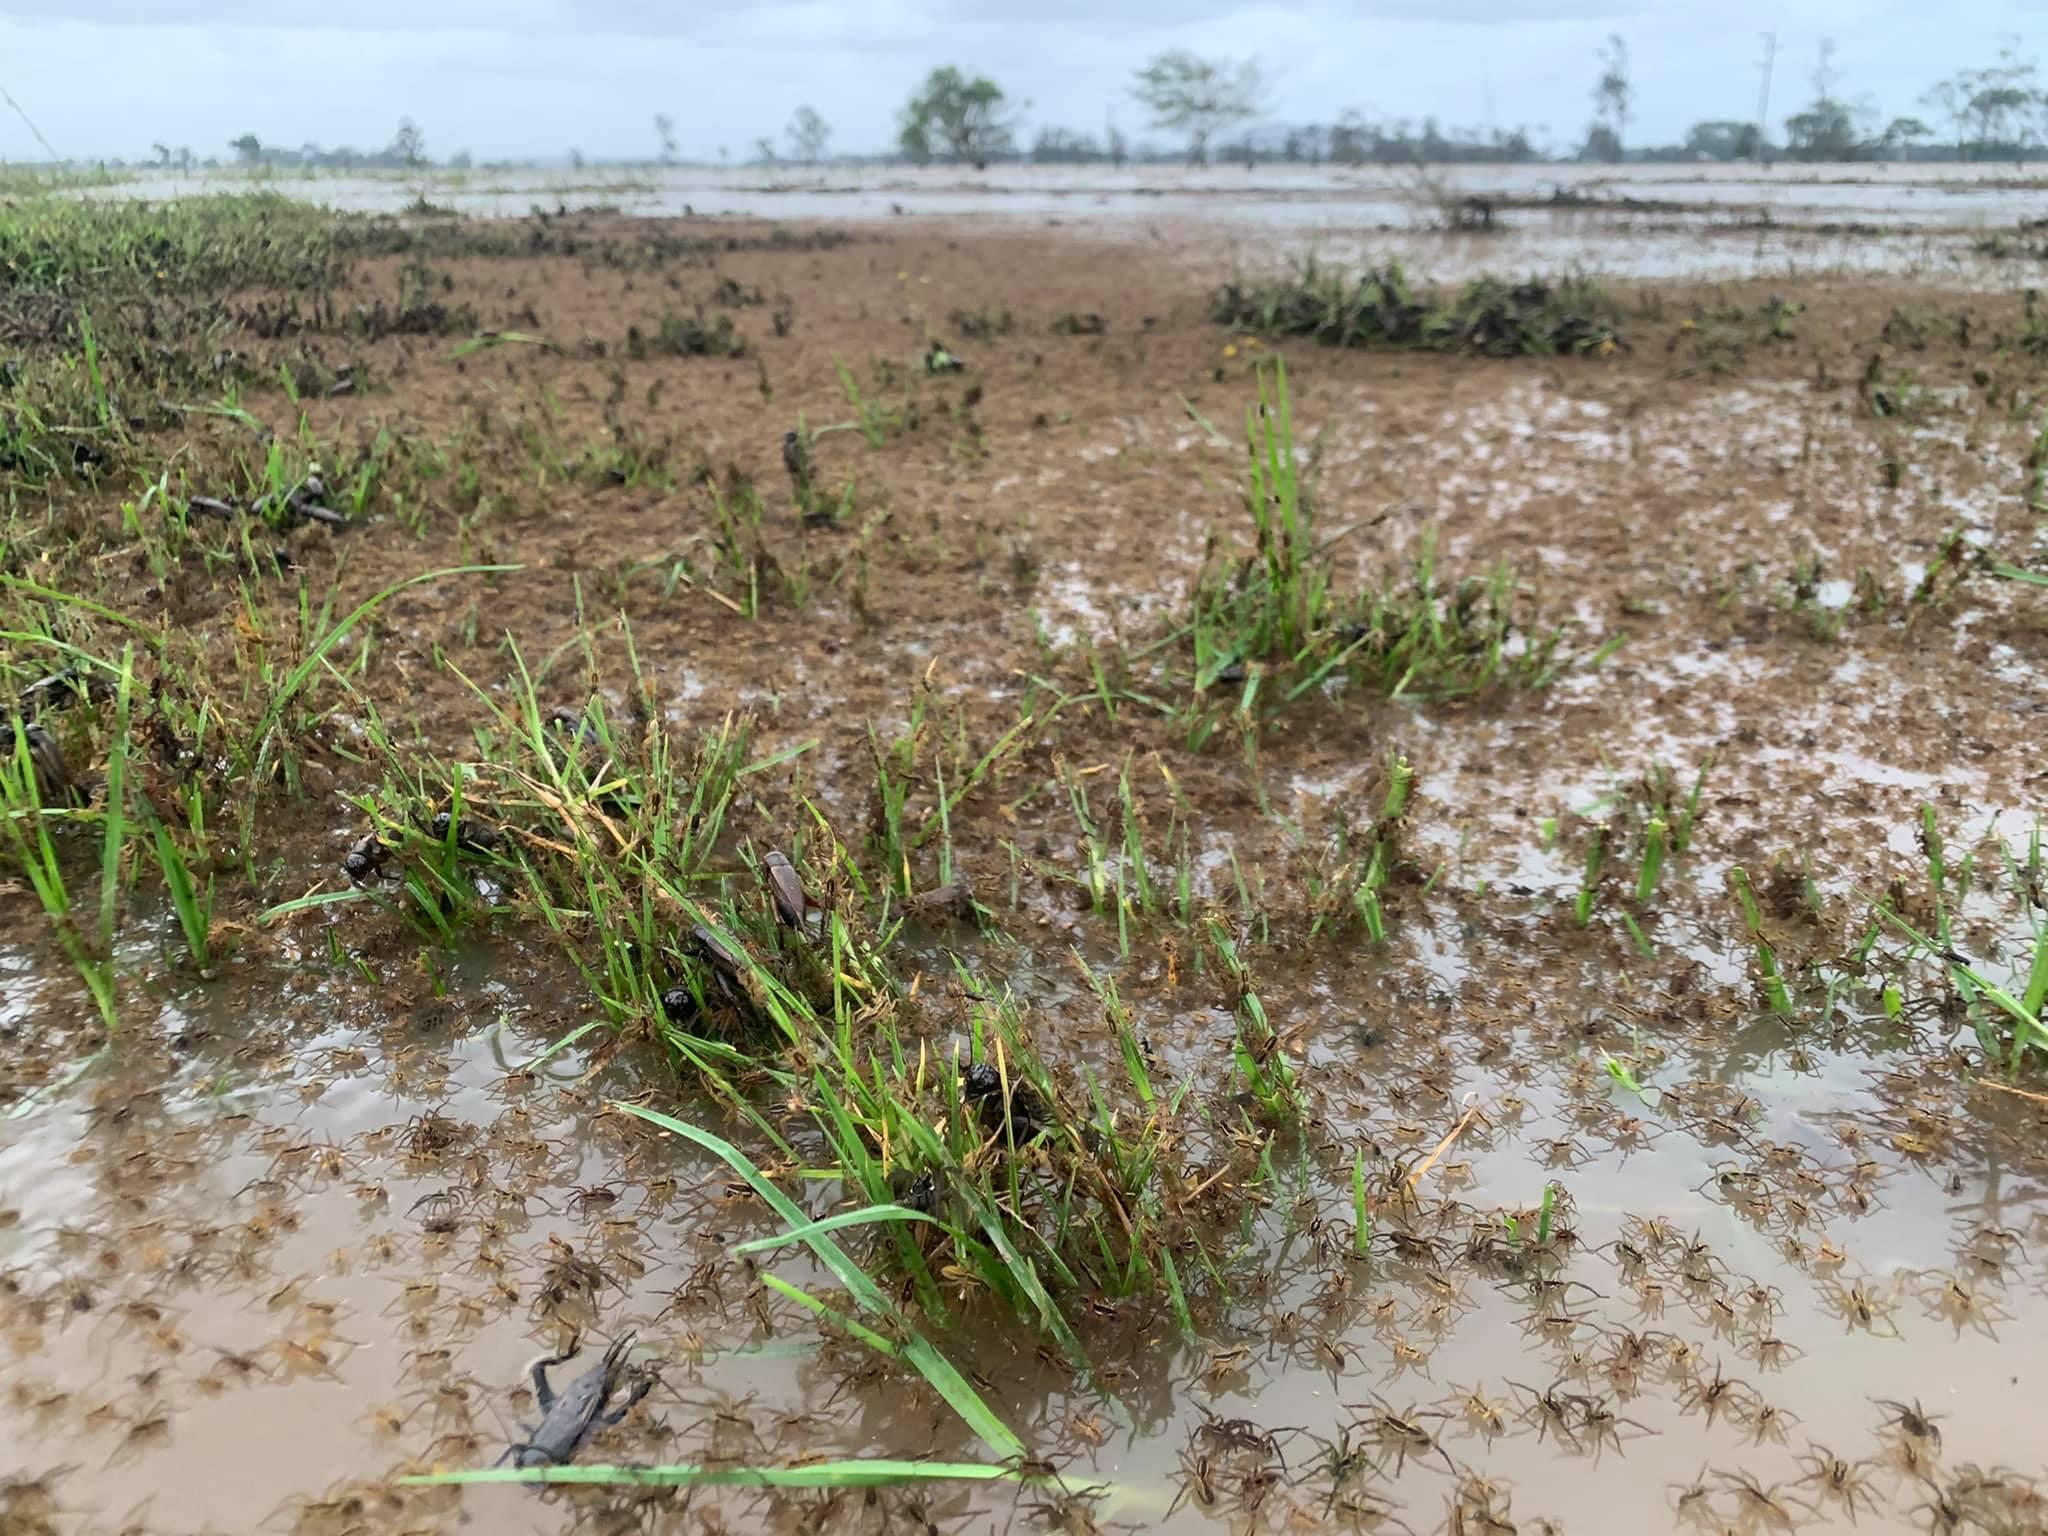 Az ausztrál férfi kinézett a sáros mezőre, de nem sár volt az, hanem sokmillió barna pók, akik mind őfelé tartottak